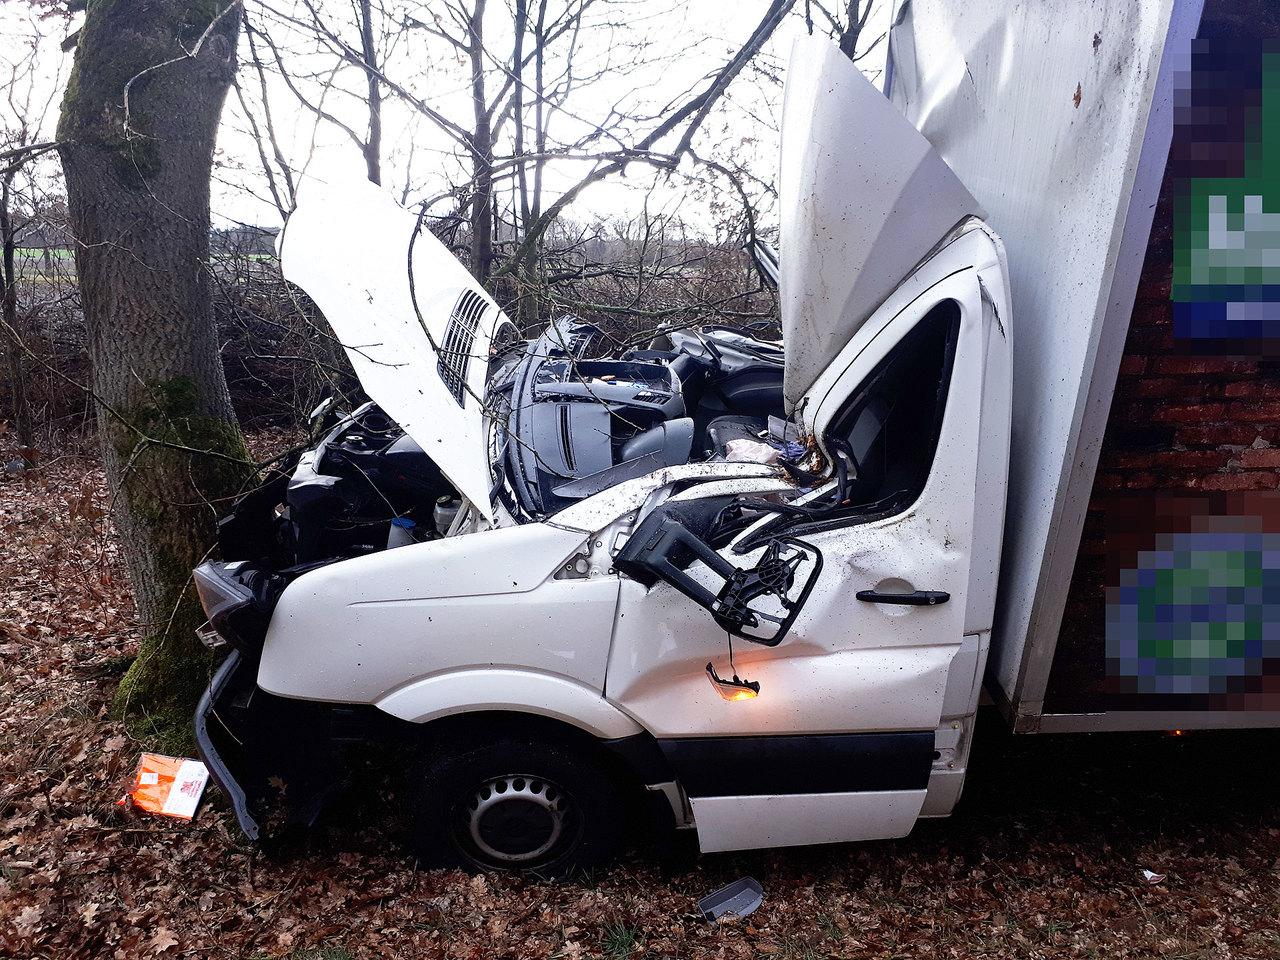 Nach der Kollision mit der auf die Straße gestürzten Birke kam der Lieferwagen an einem Baum im Seitenraum zum Stehen.